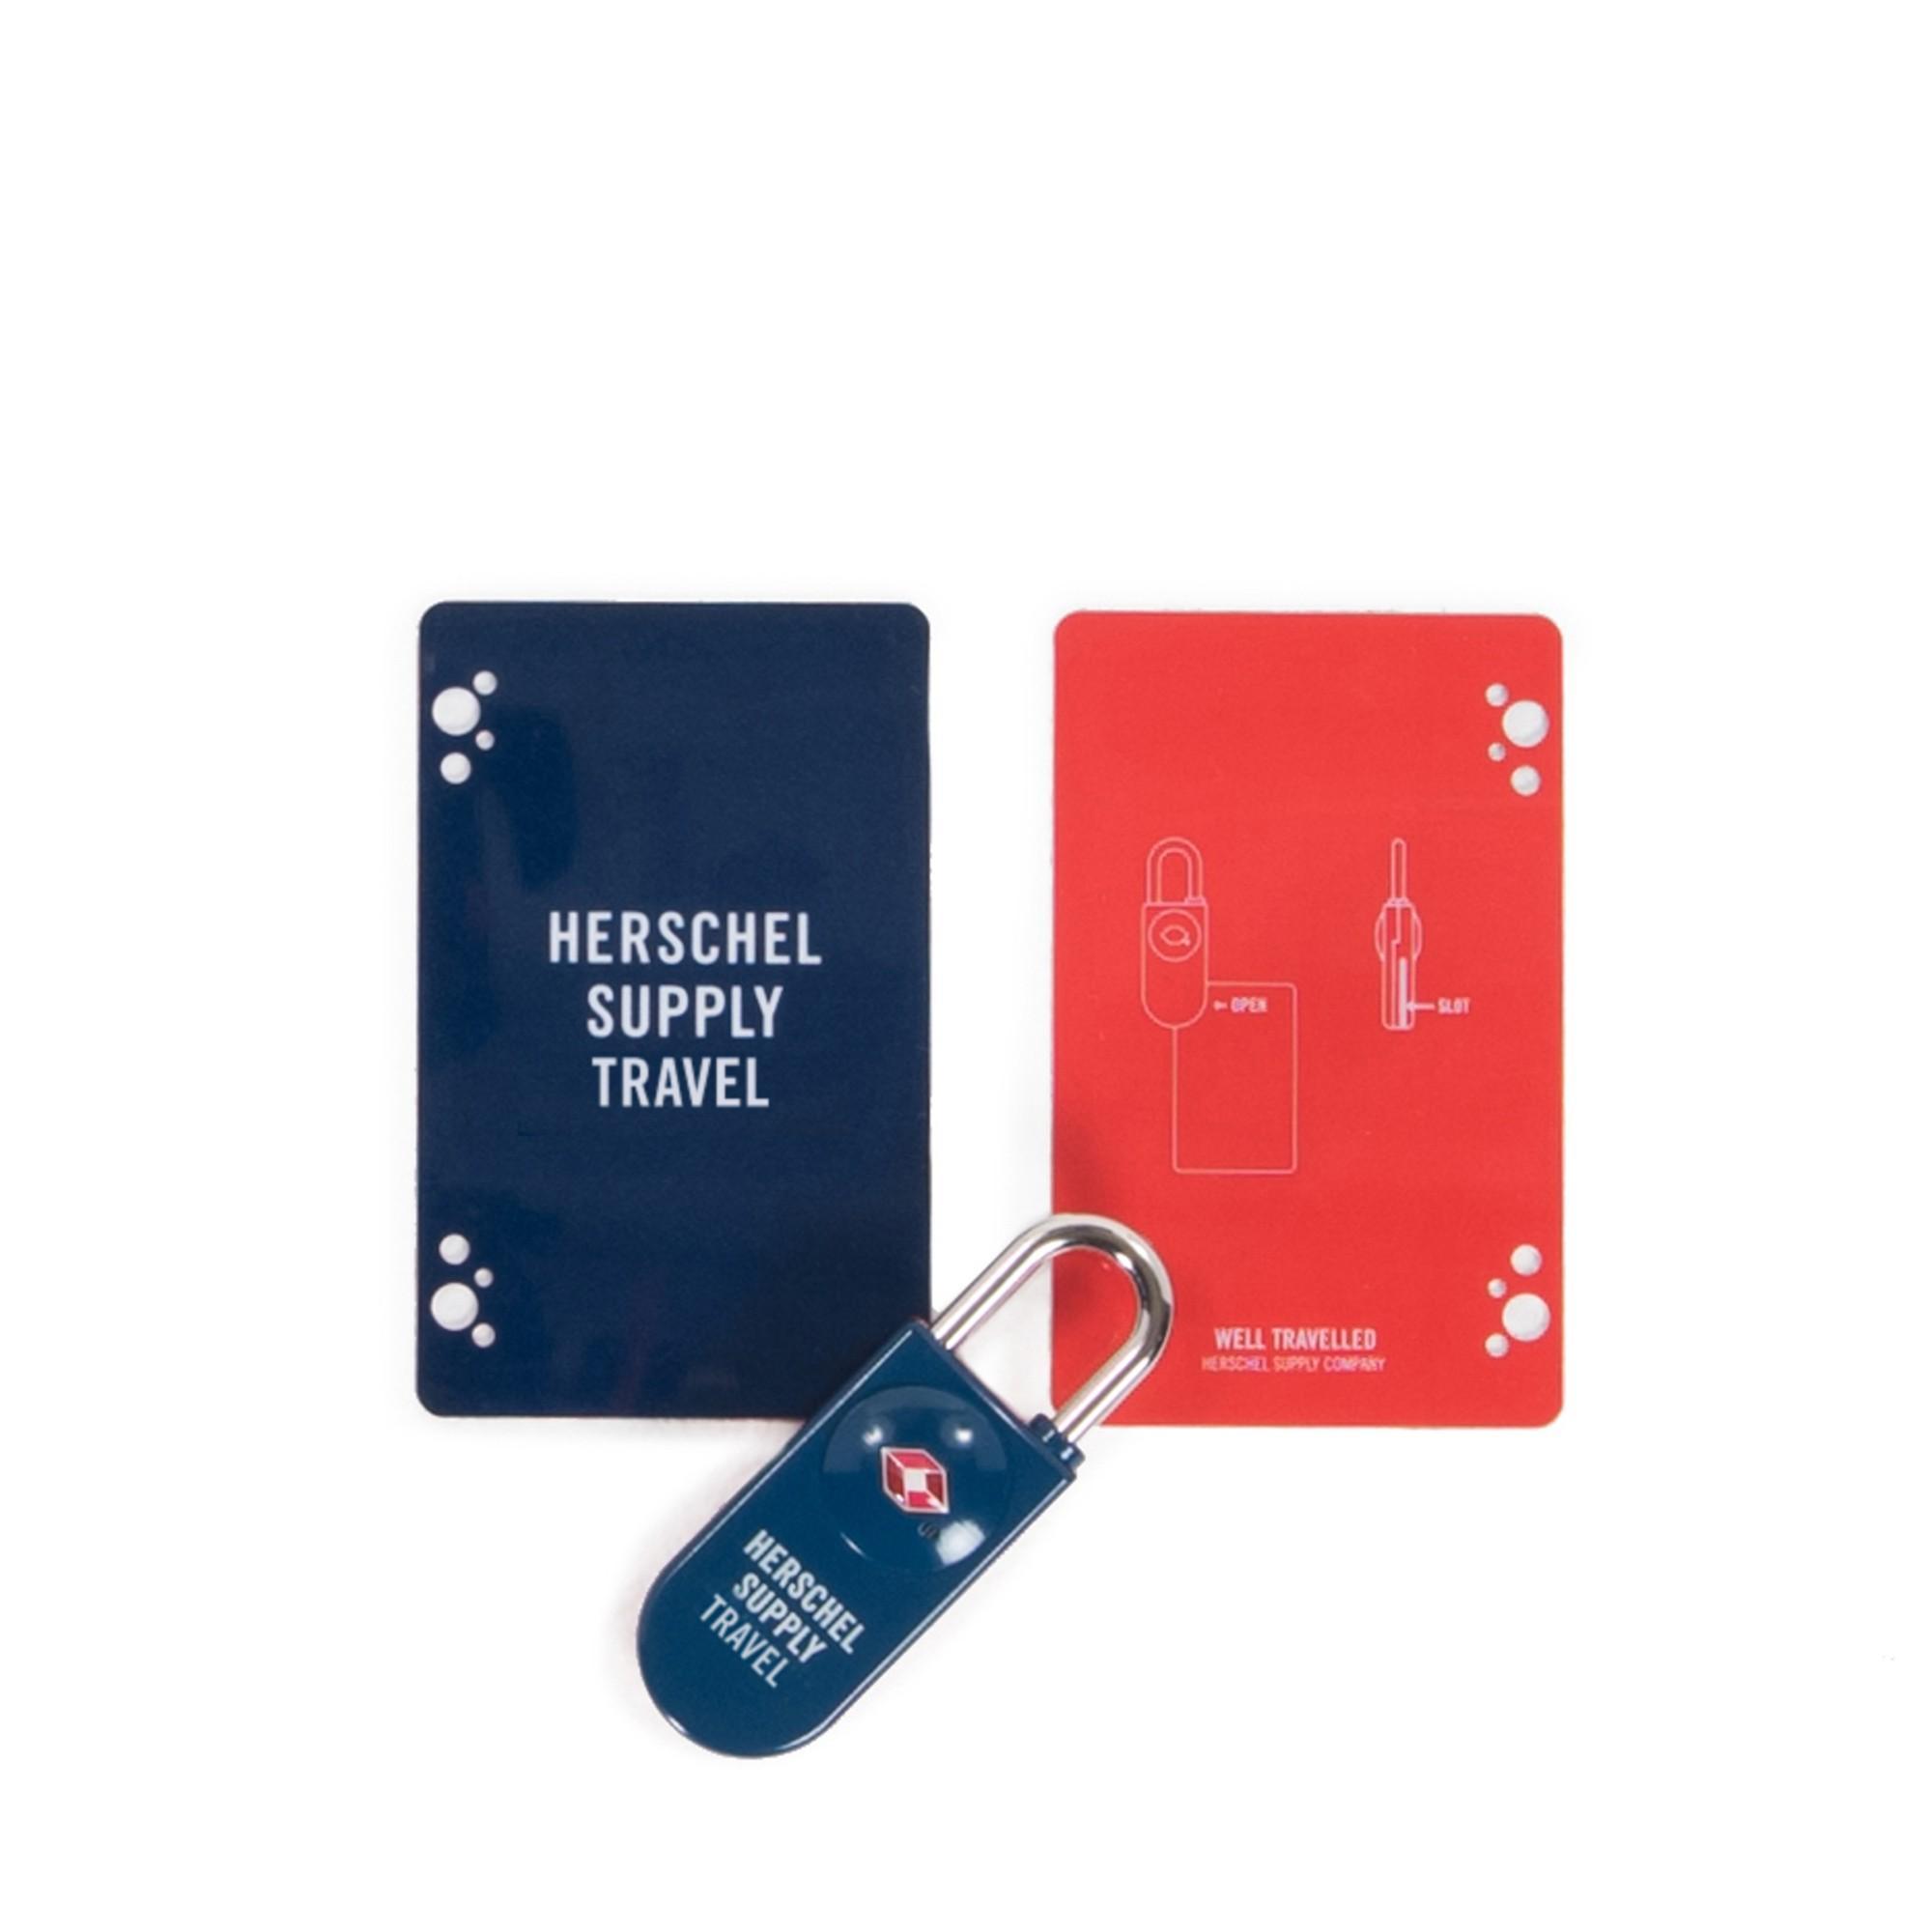 Herschel Tsa Card Lock - Navy/red By Herschel Official Store.